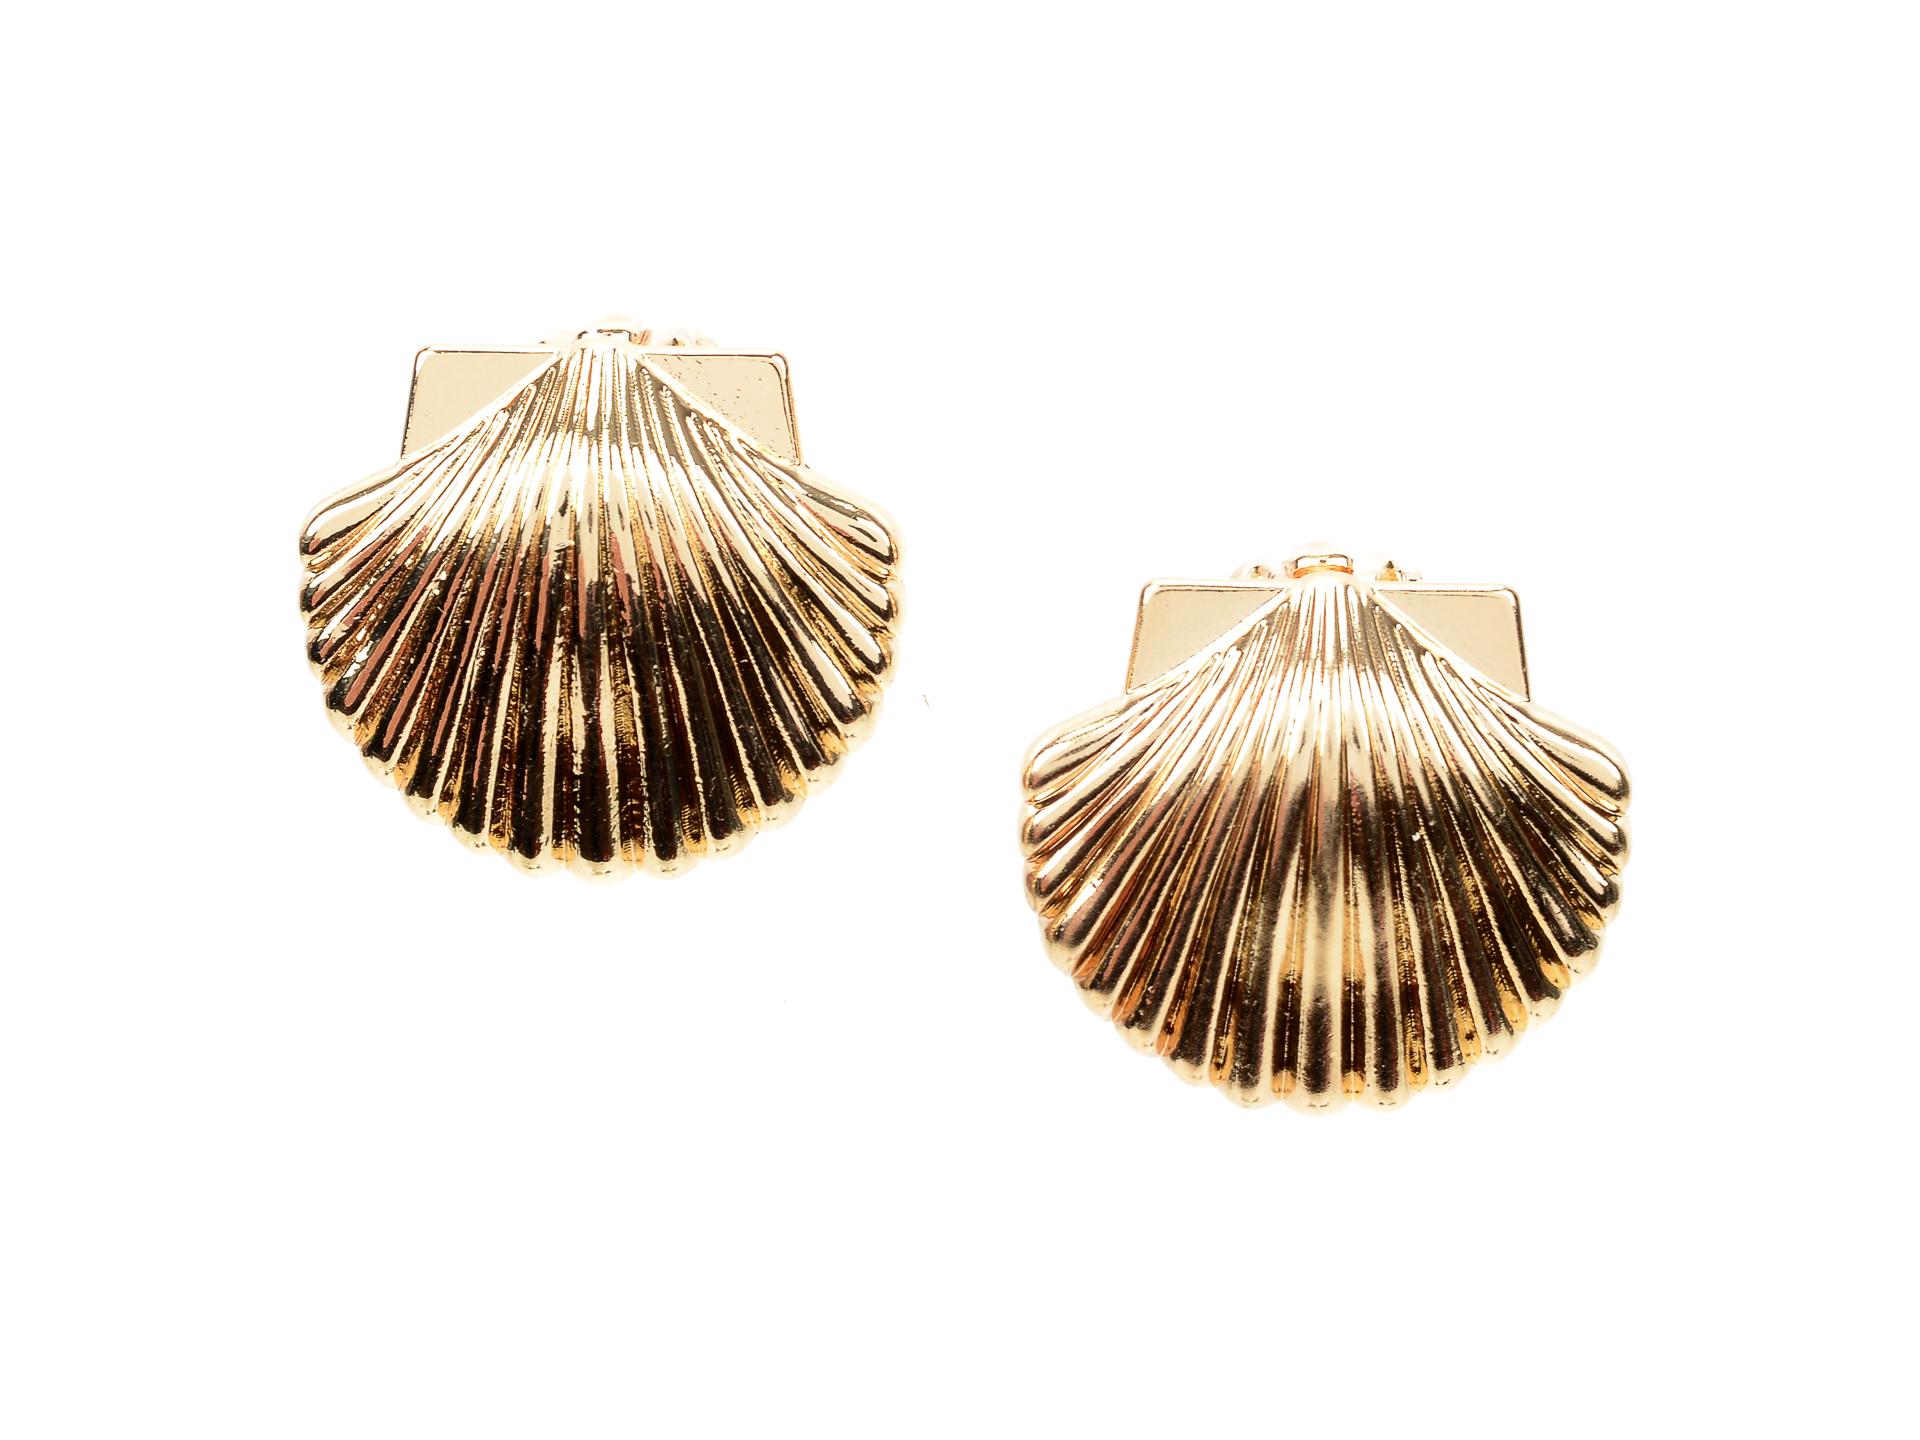 Cercei ALDO aurii, Hilidia710, din metal imagine